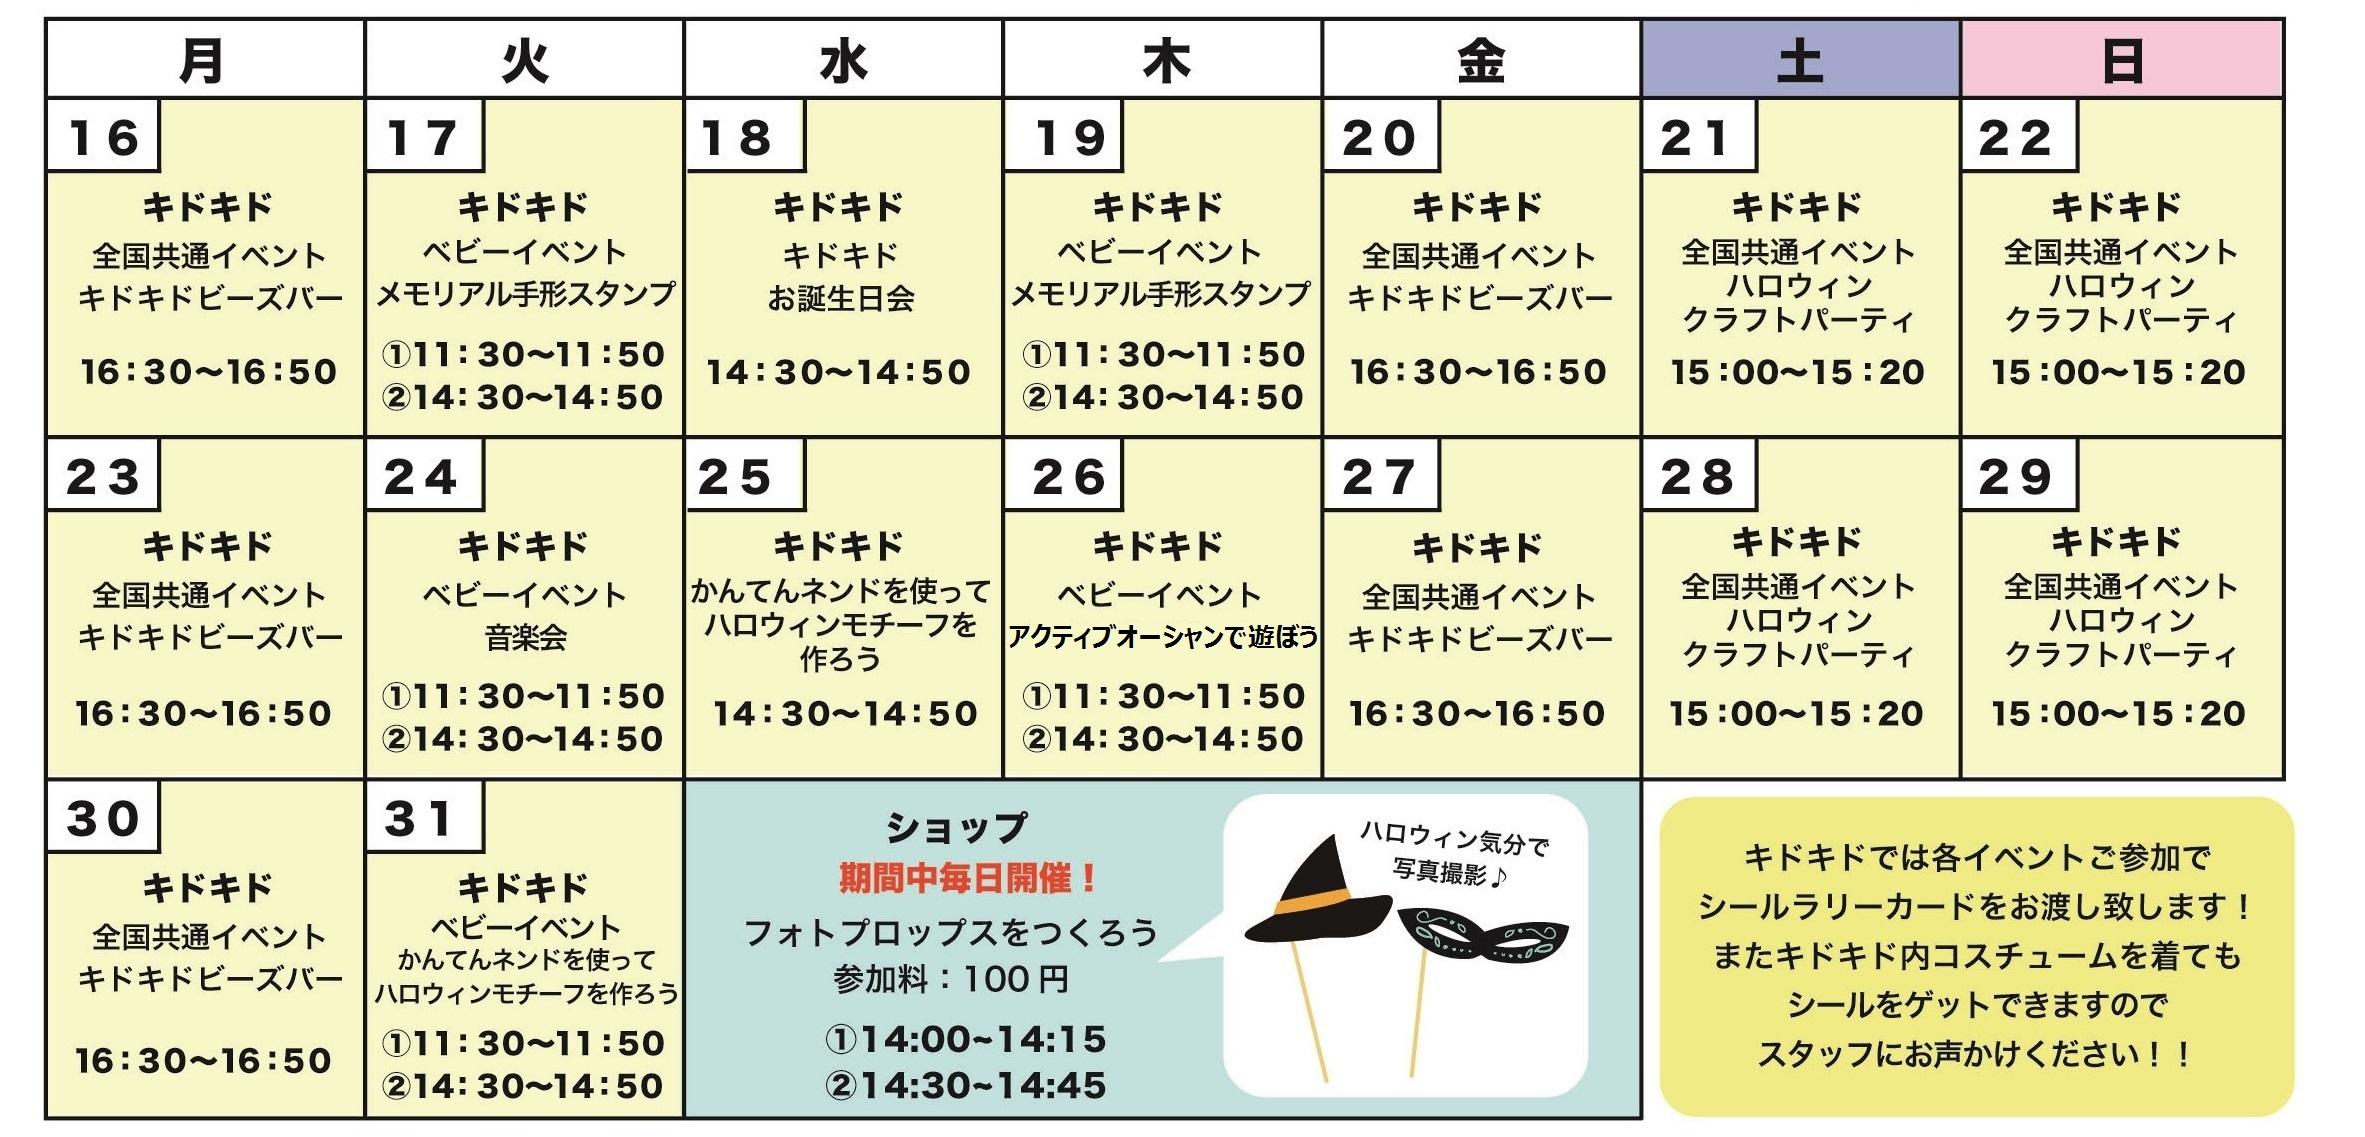 【神戸BAL店特別イベント】ショップとキドキドで楽しもう!ハロウィンイベント開催!